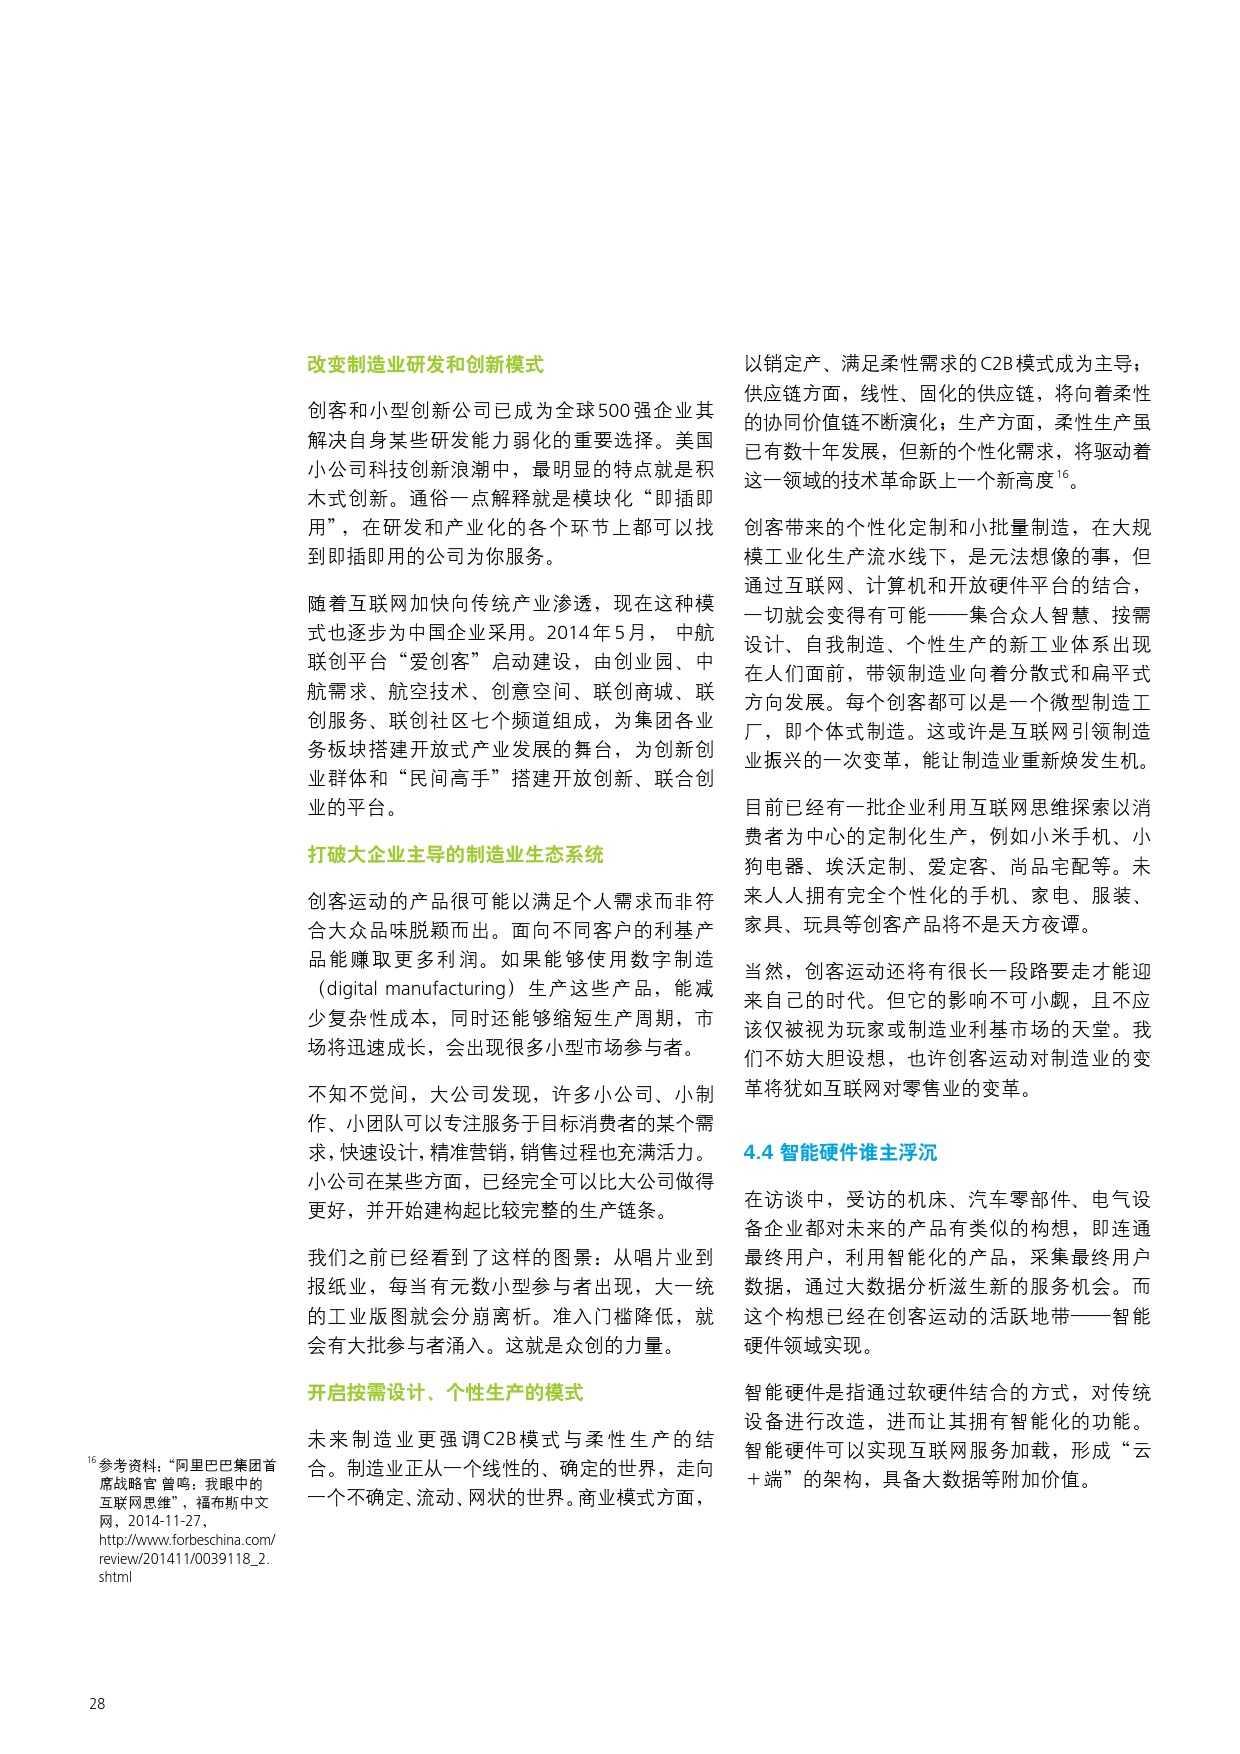 2015年中国制造业企业信息化调查_000030